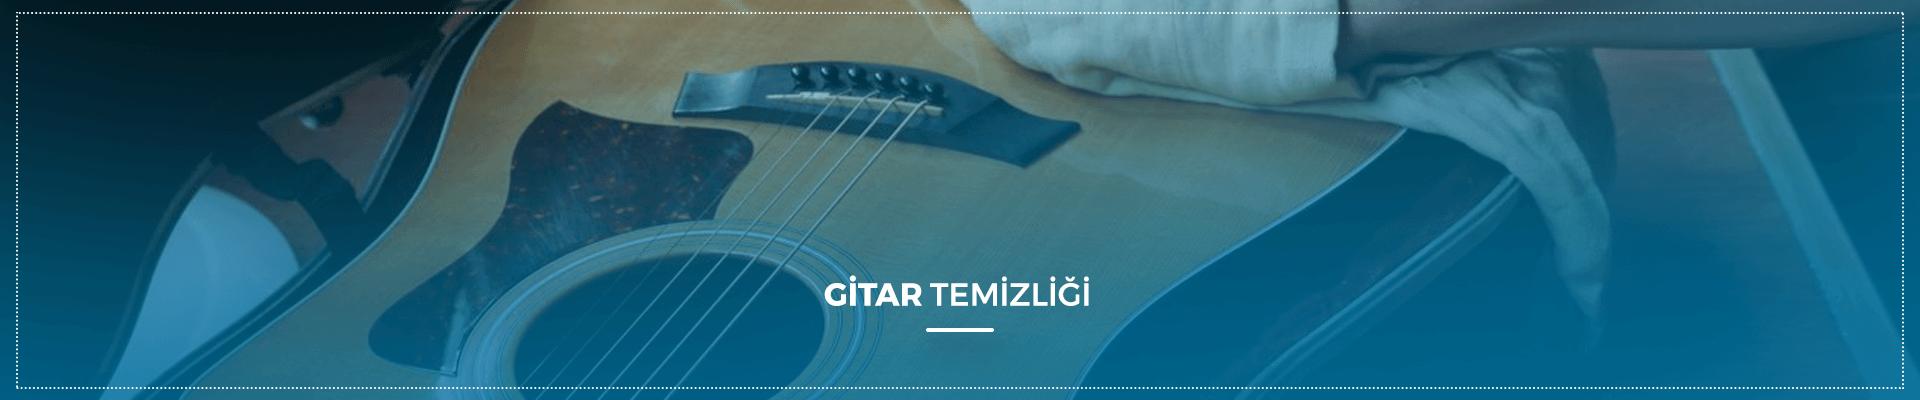 gitar-nasil-temizlenir